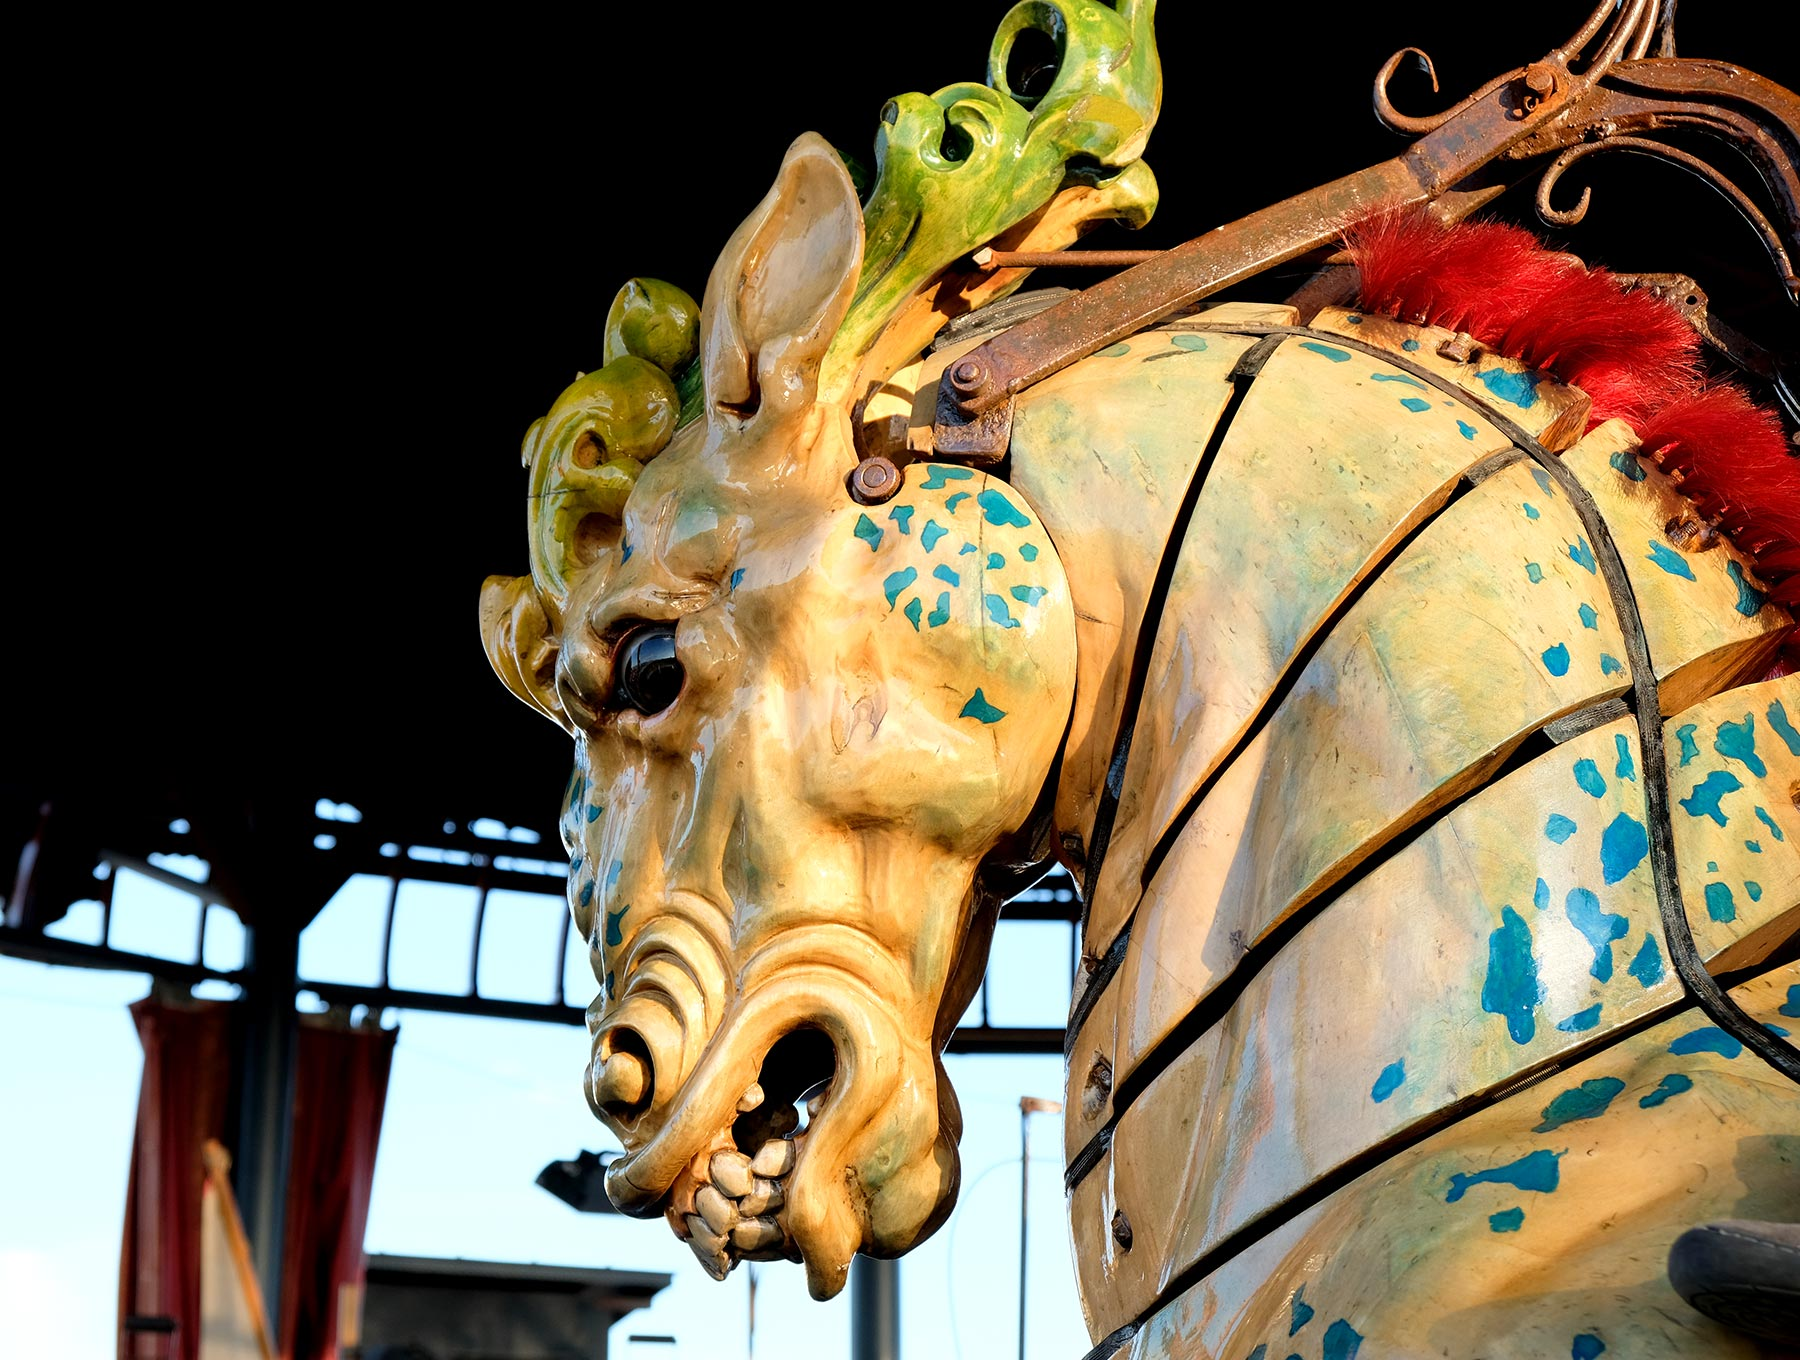 Le Carrousel des mondes marins, faisant partie des Machines de l'île à Nantes